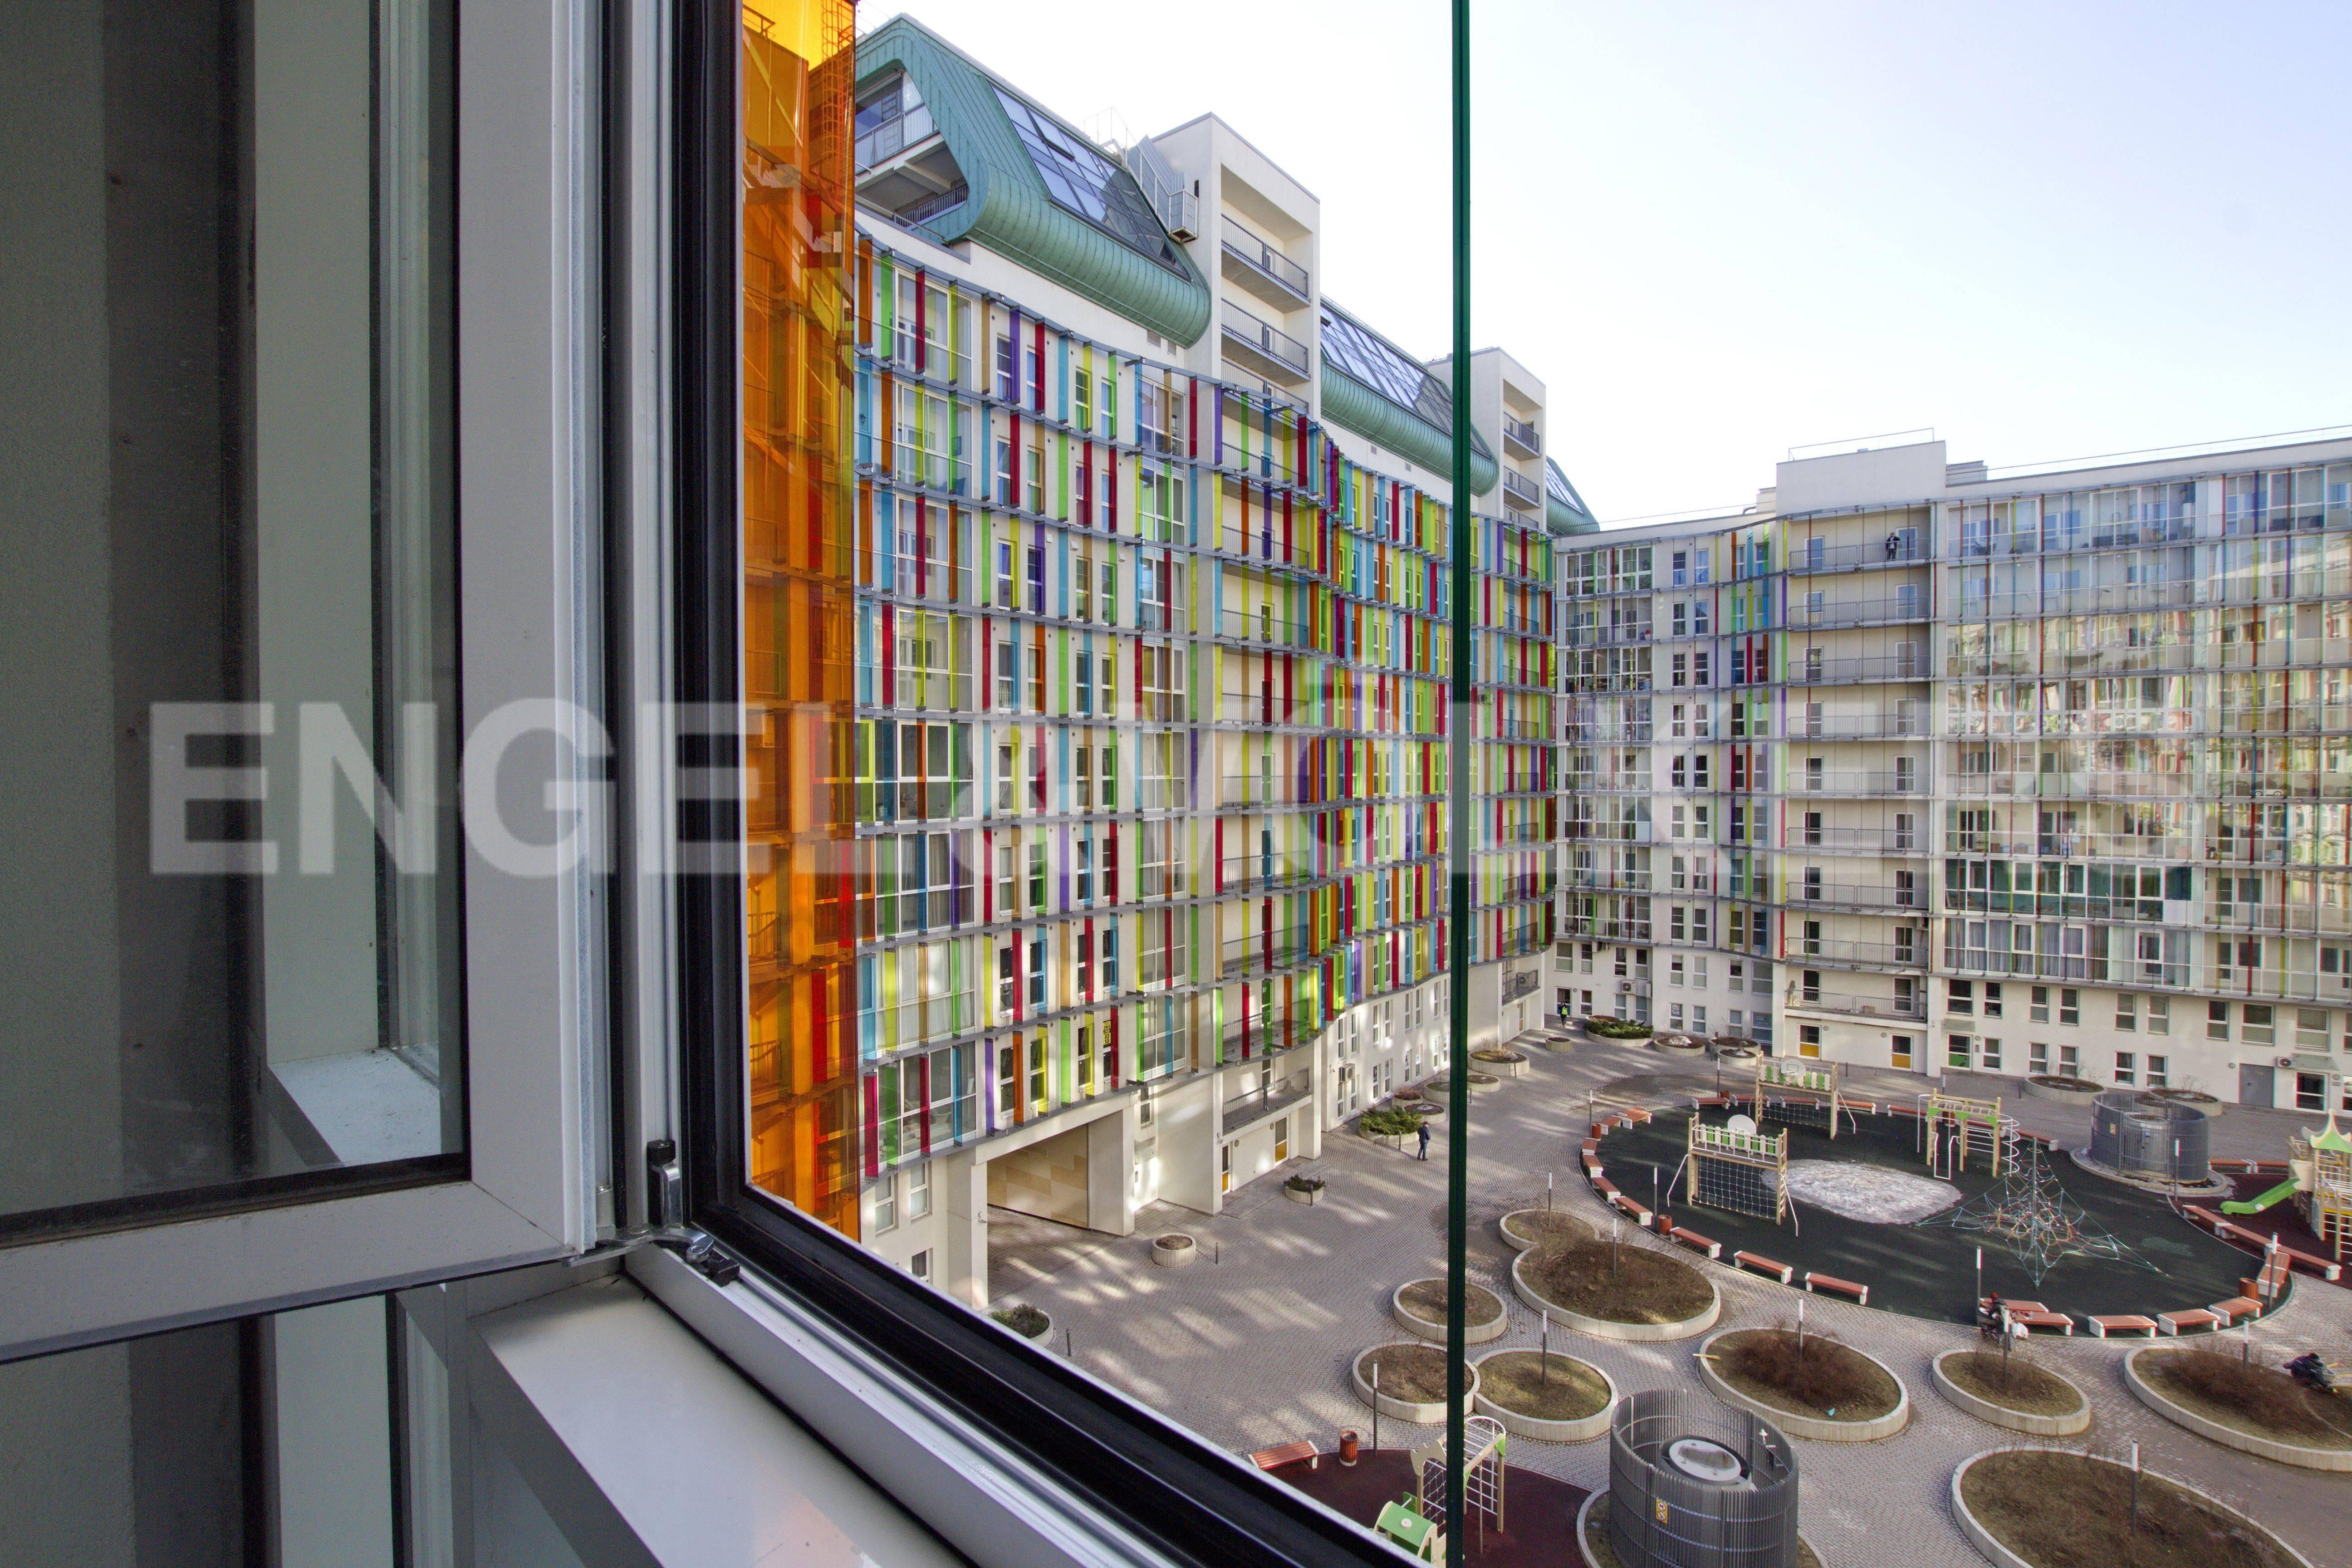 Элитные квартиры в Петроградском районе. Санкт-Петербург, Корпусная улица, 9. Вид из окон на внутреннюю территорию